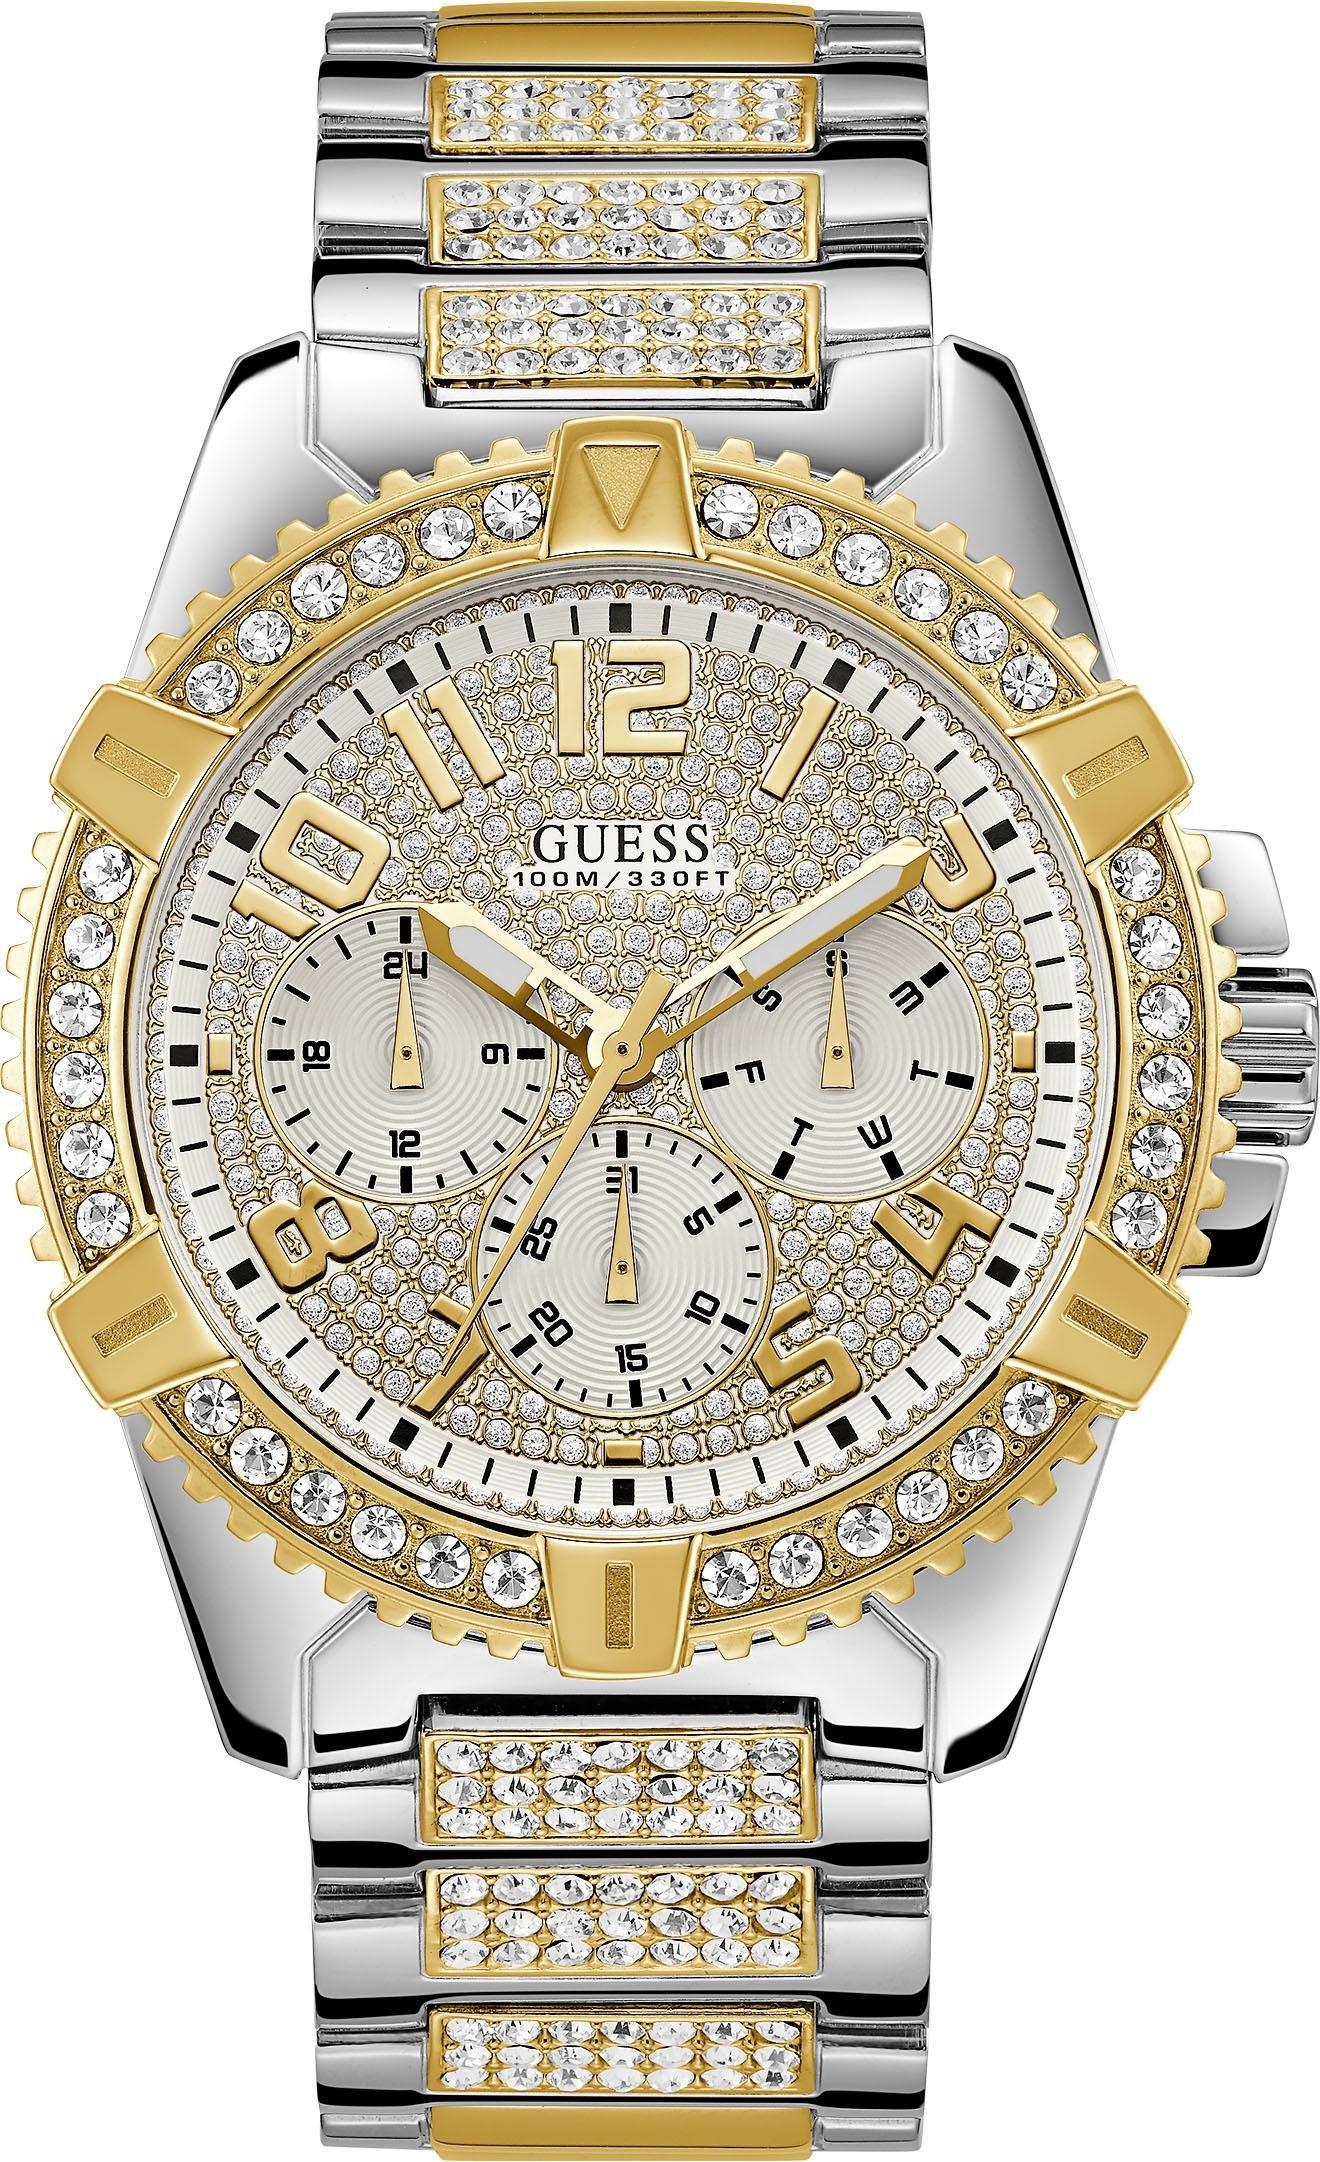 Guess multifunctioneel horloge FRONTIER, W0799G4 bestellen: 30 dagen bedenktijd